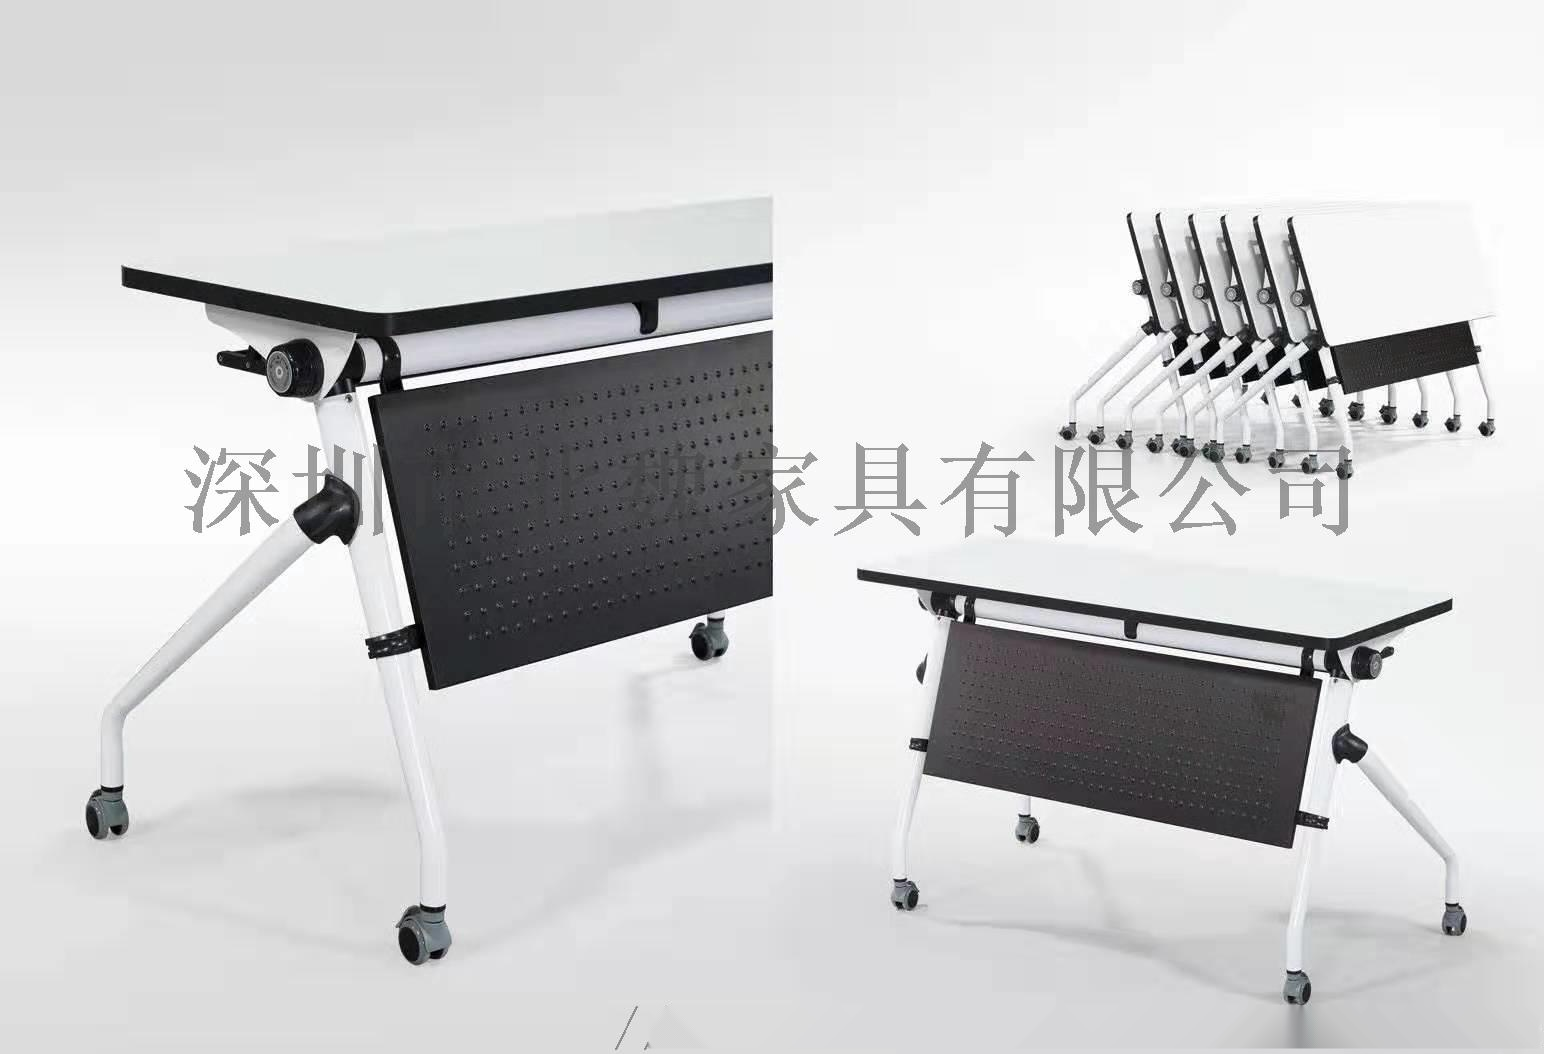 折叠培训桌 可折叠培训台 广东培训桌生产厂家123069525